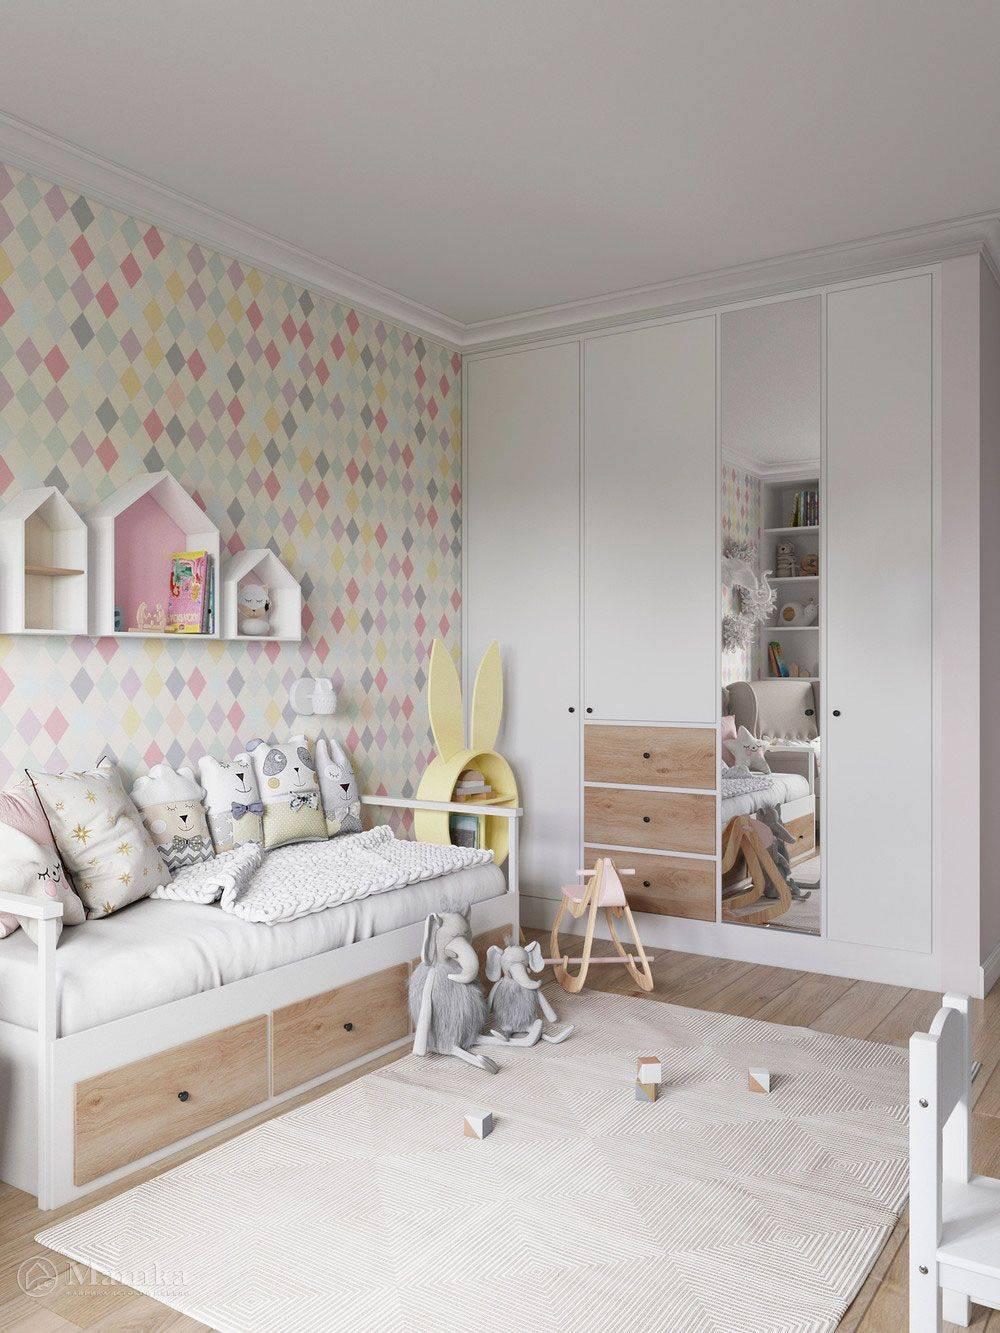 Дизайн маленькой детской комнаты +75 идей интерьера